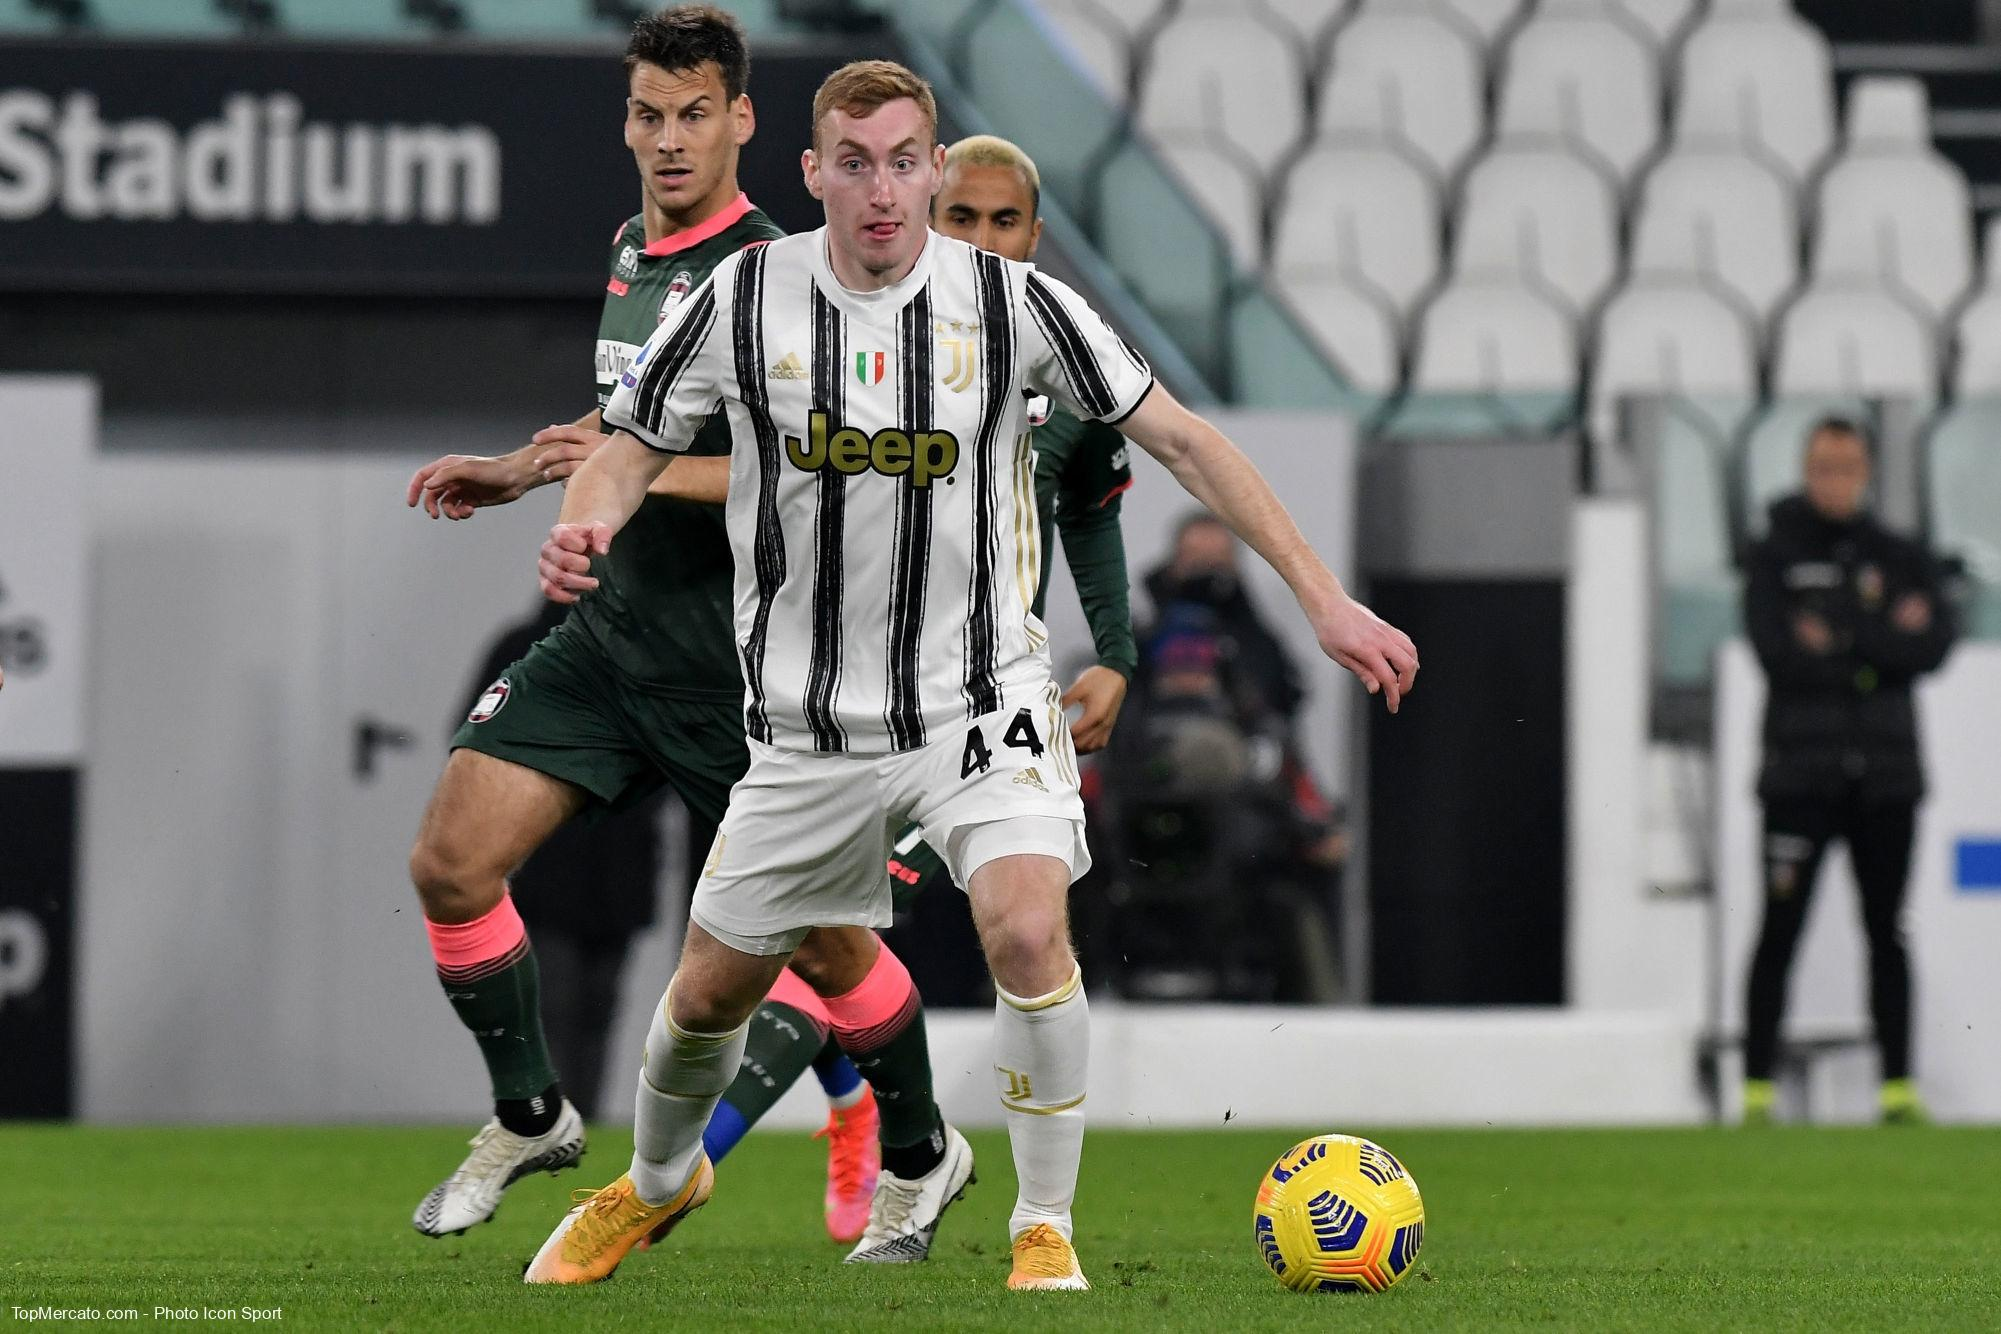 Dejan Kulusevski, Juventus